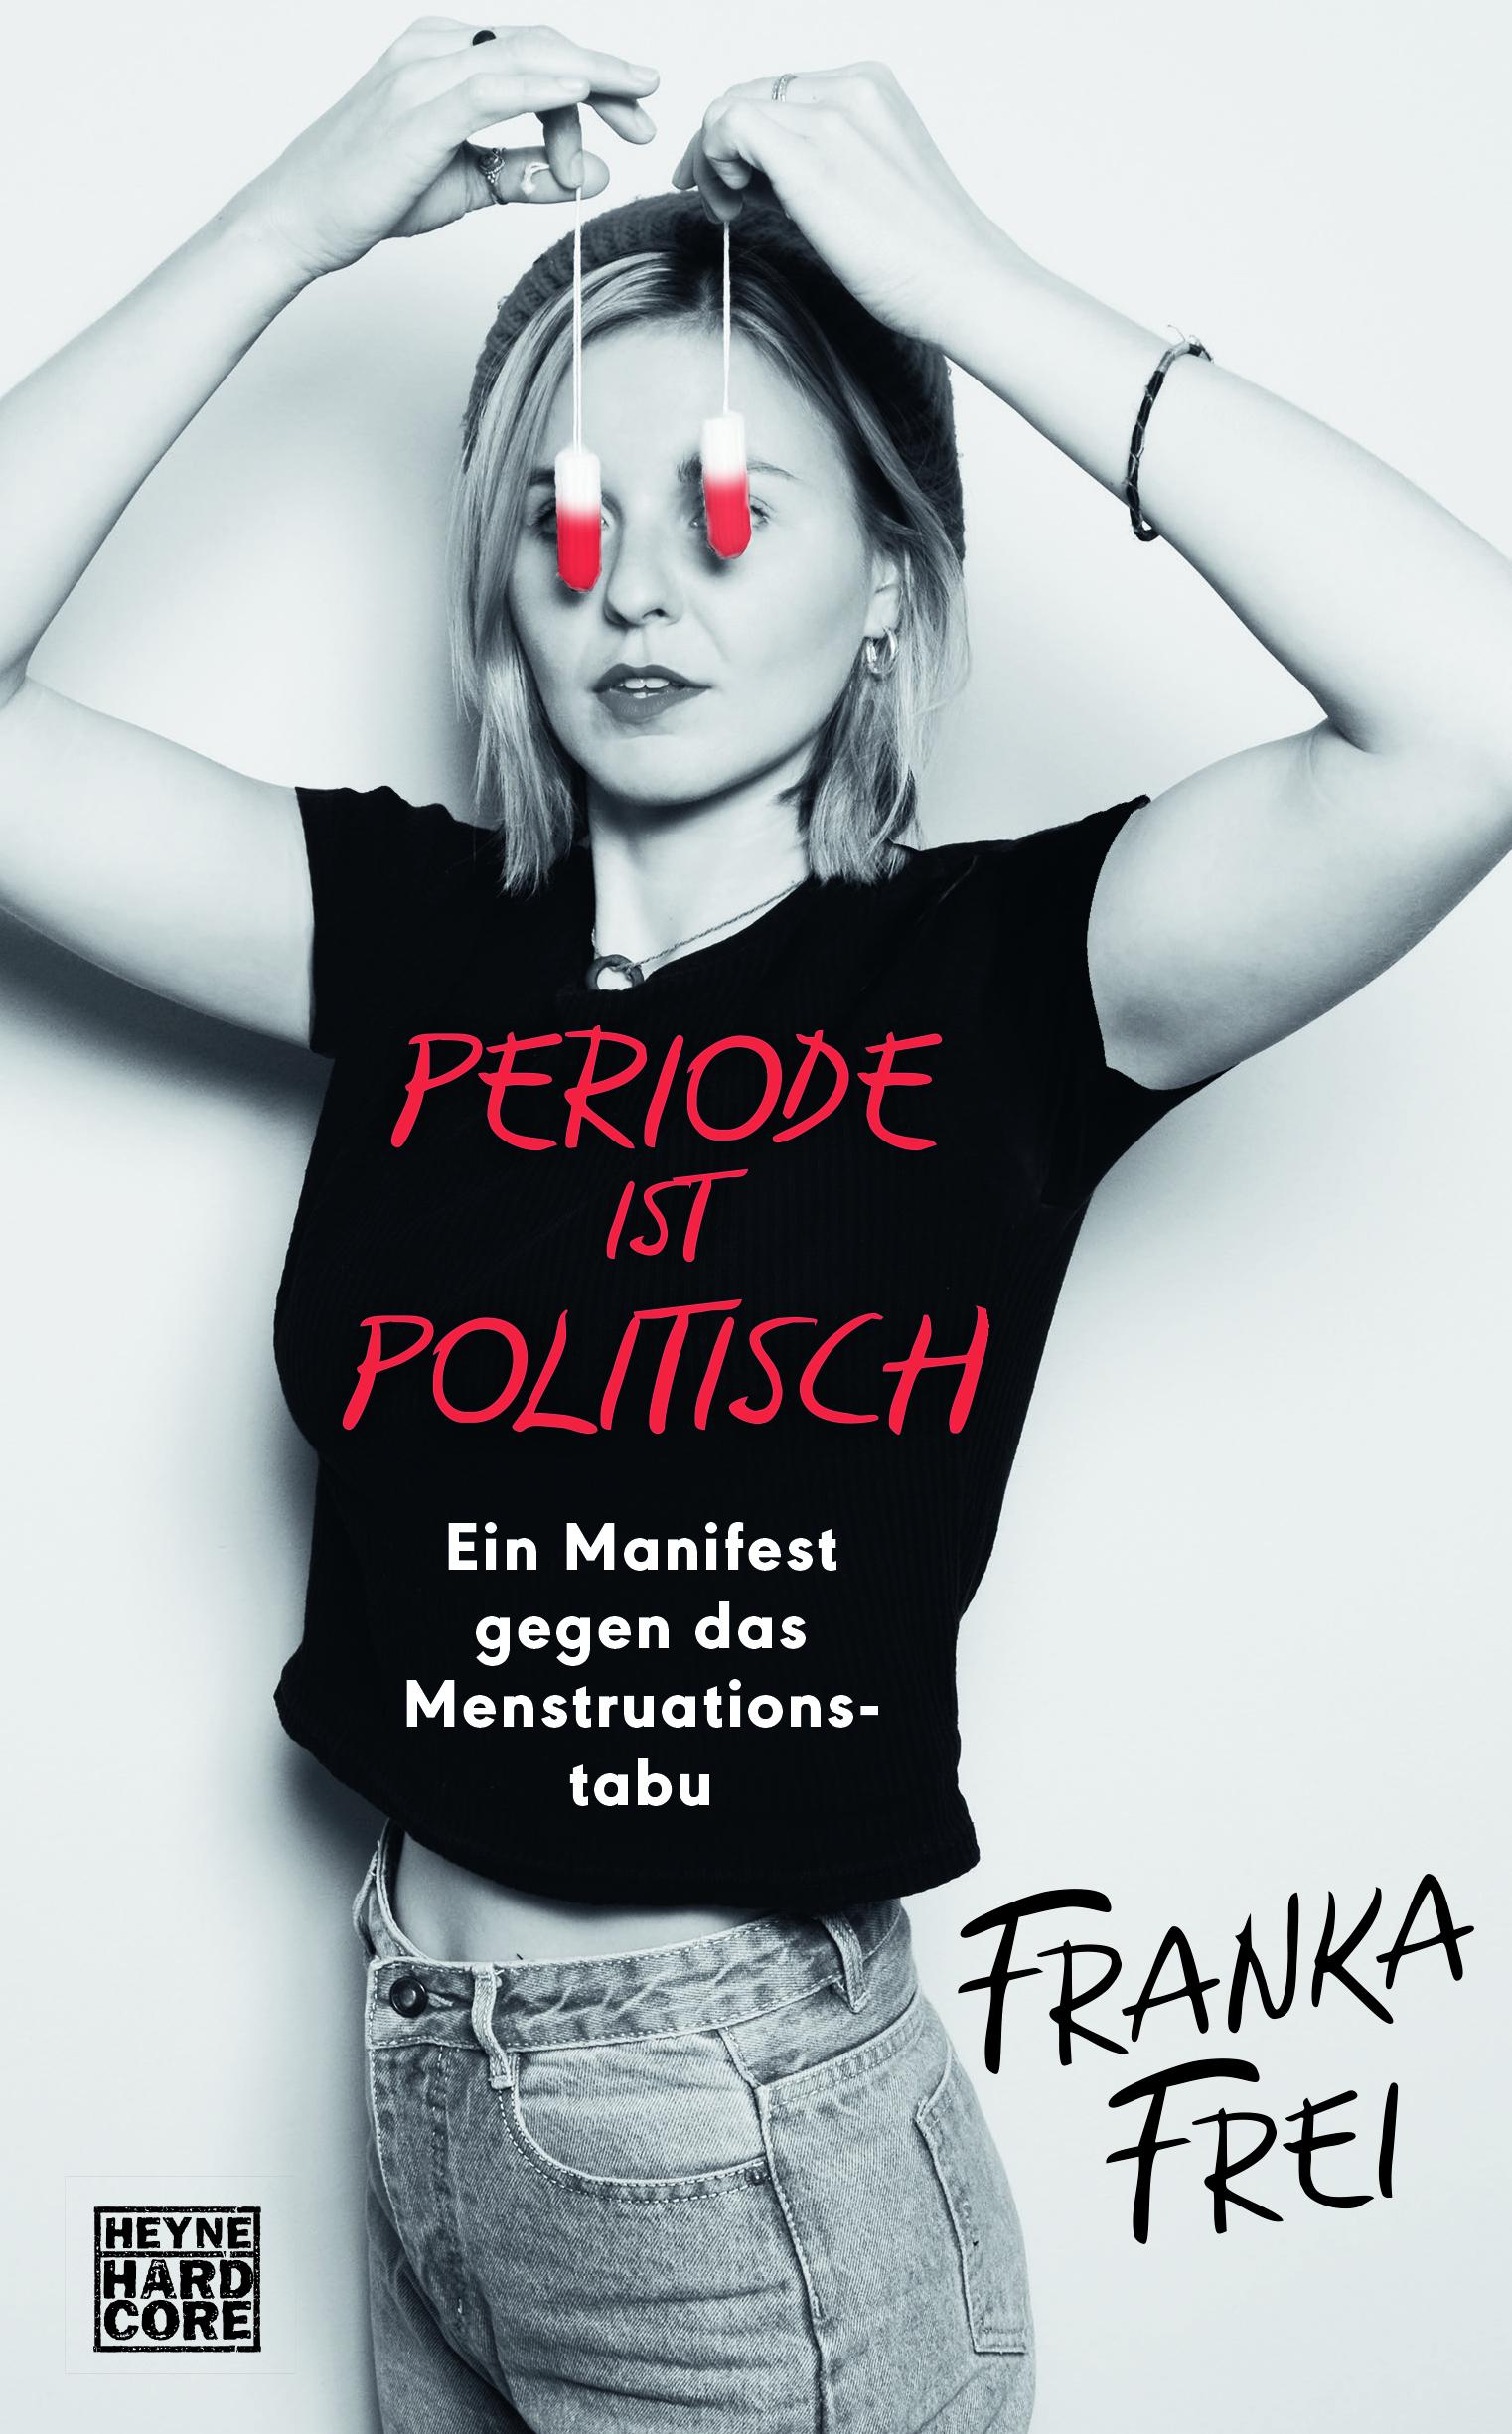 """Online-Lesung und Gespräch """"Periode ist politisch"""" mit Franka Frei am 26.02.2021 um 19 Uhr"""